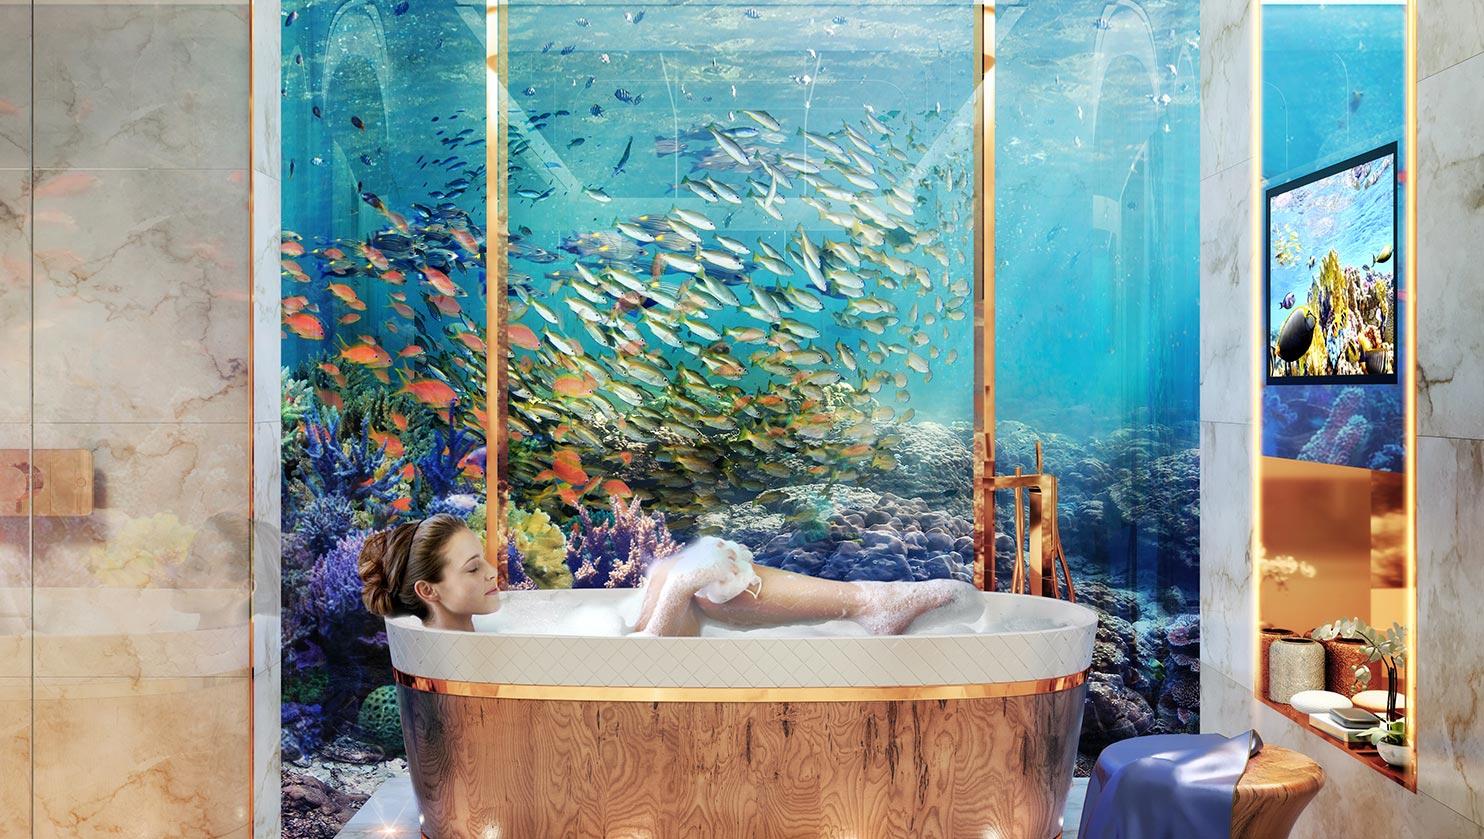 Salle de bain avec vus SOUS l'eau